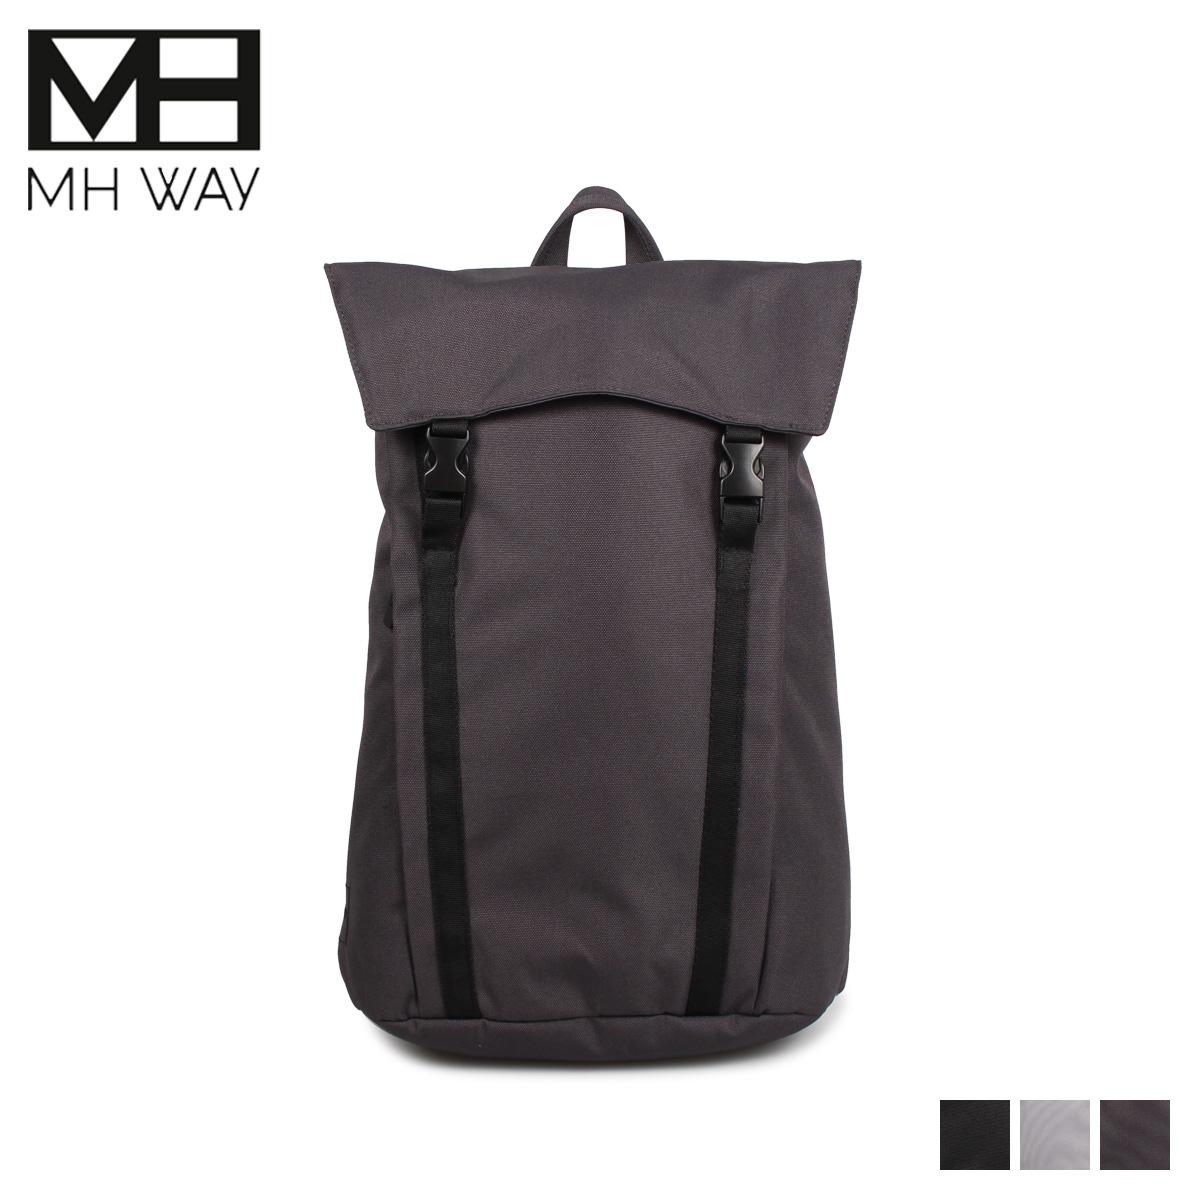 エムエイチウェイ MH WAY リュック バッグ バックパック メンズ レディース 20L BELL BACKPACK L WITH FLAP ブラック グレー ライトグレー 黒 MH-004